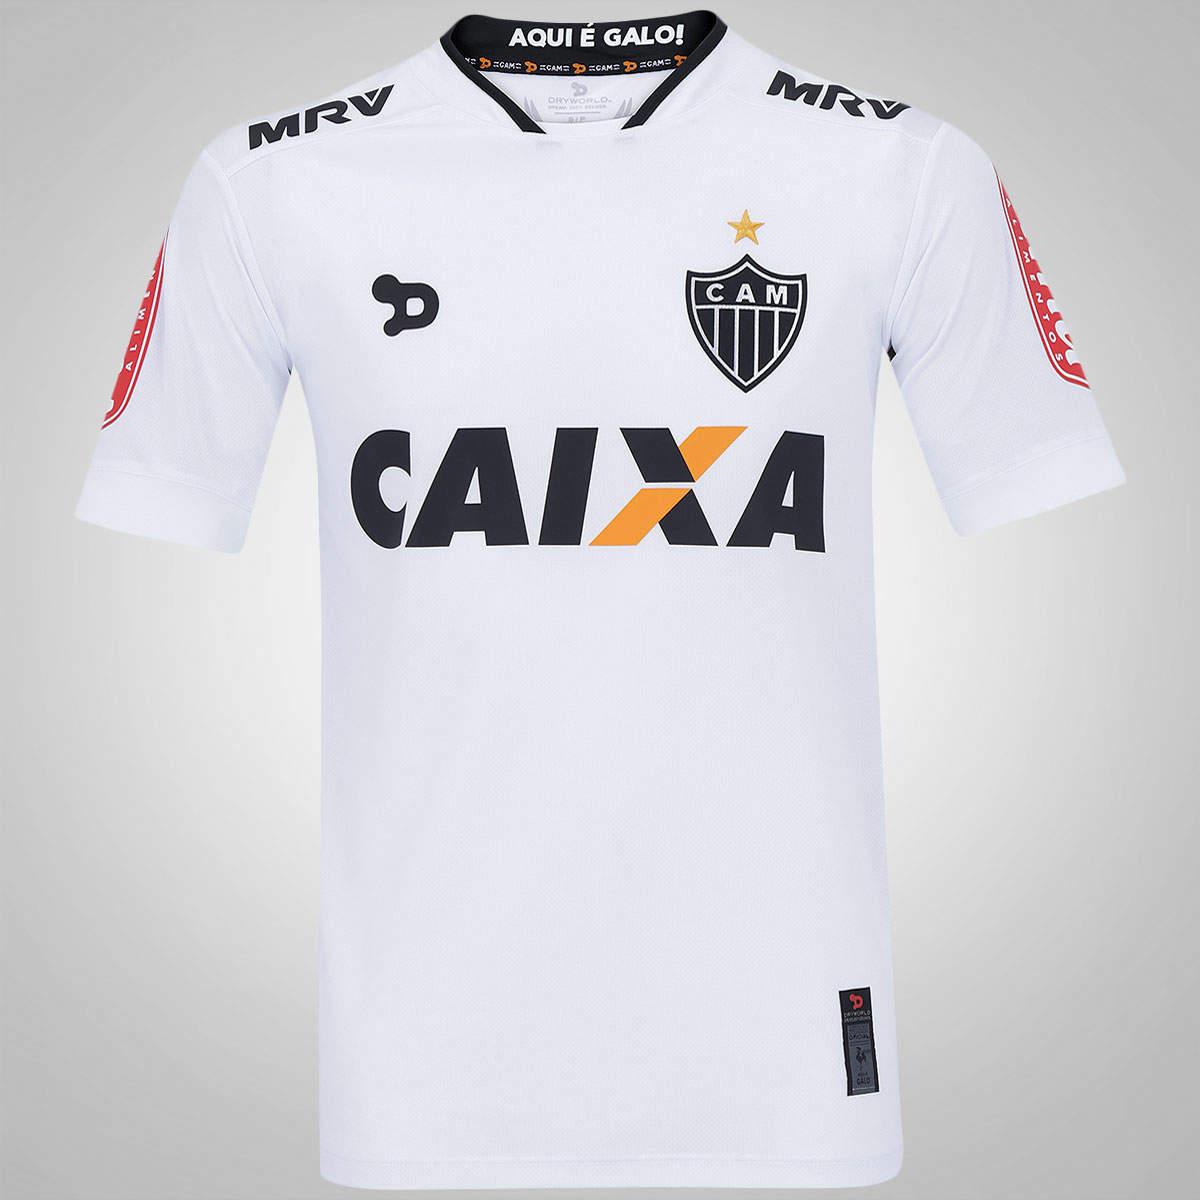 Camisa Atlético Mineiro Dryworld 2016 S/N